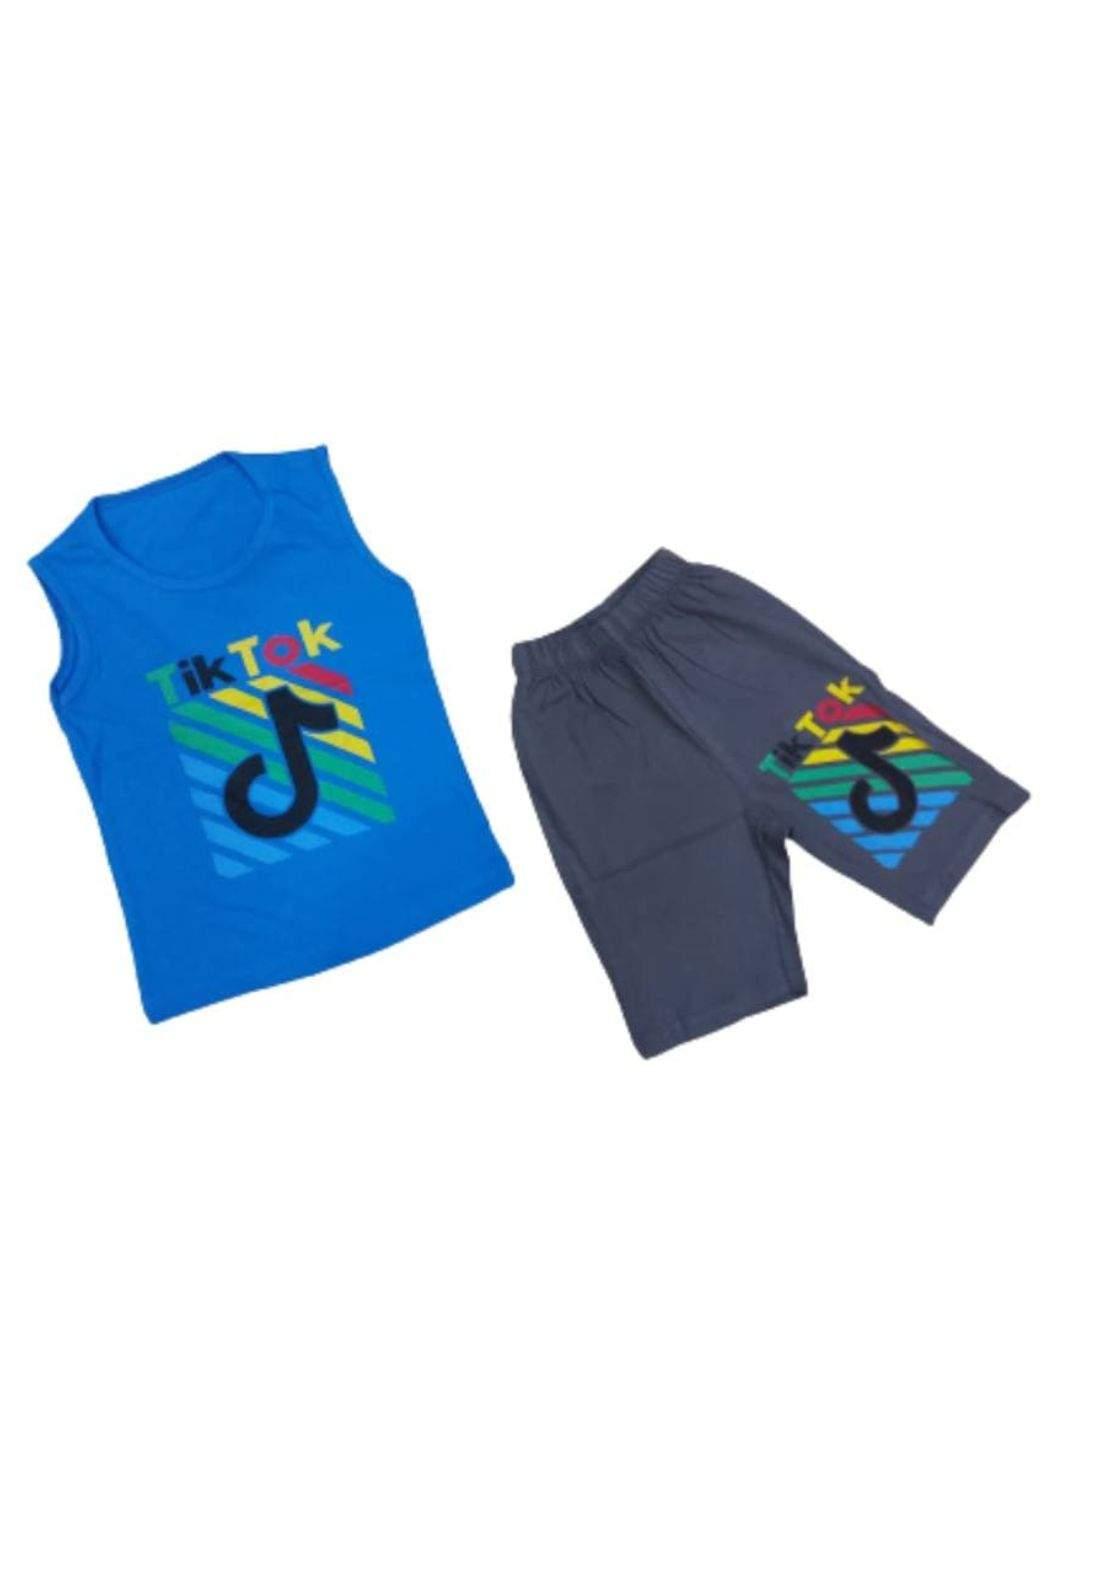 tracksuit for boys blue(shirt +short) ( تراكسوت ولادي ازرق (برموده وكيمونه